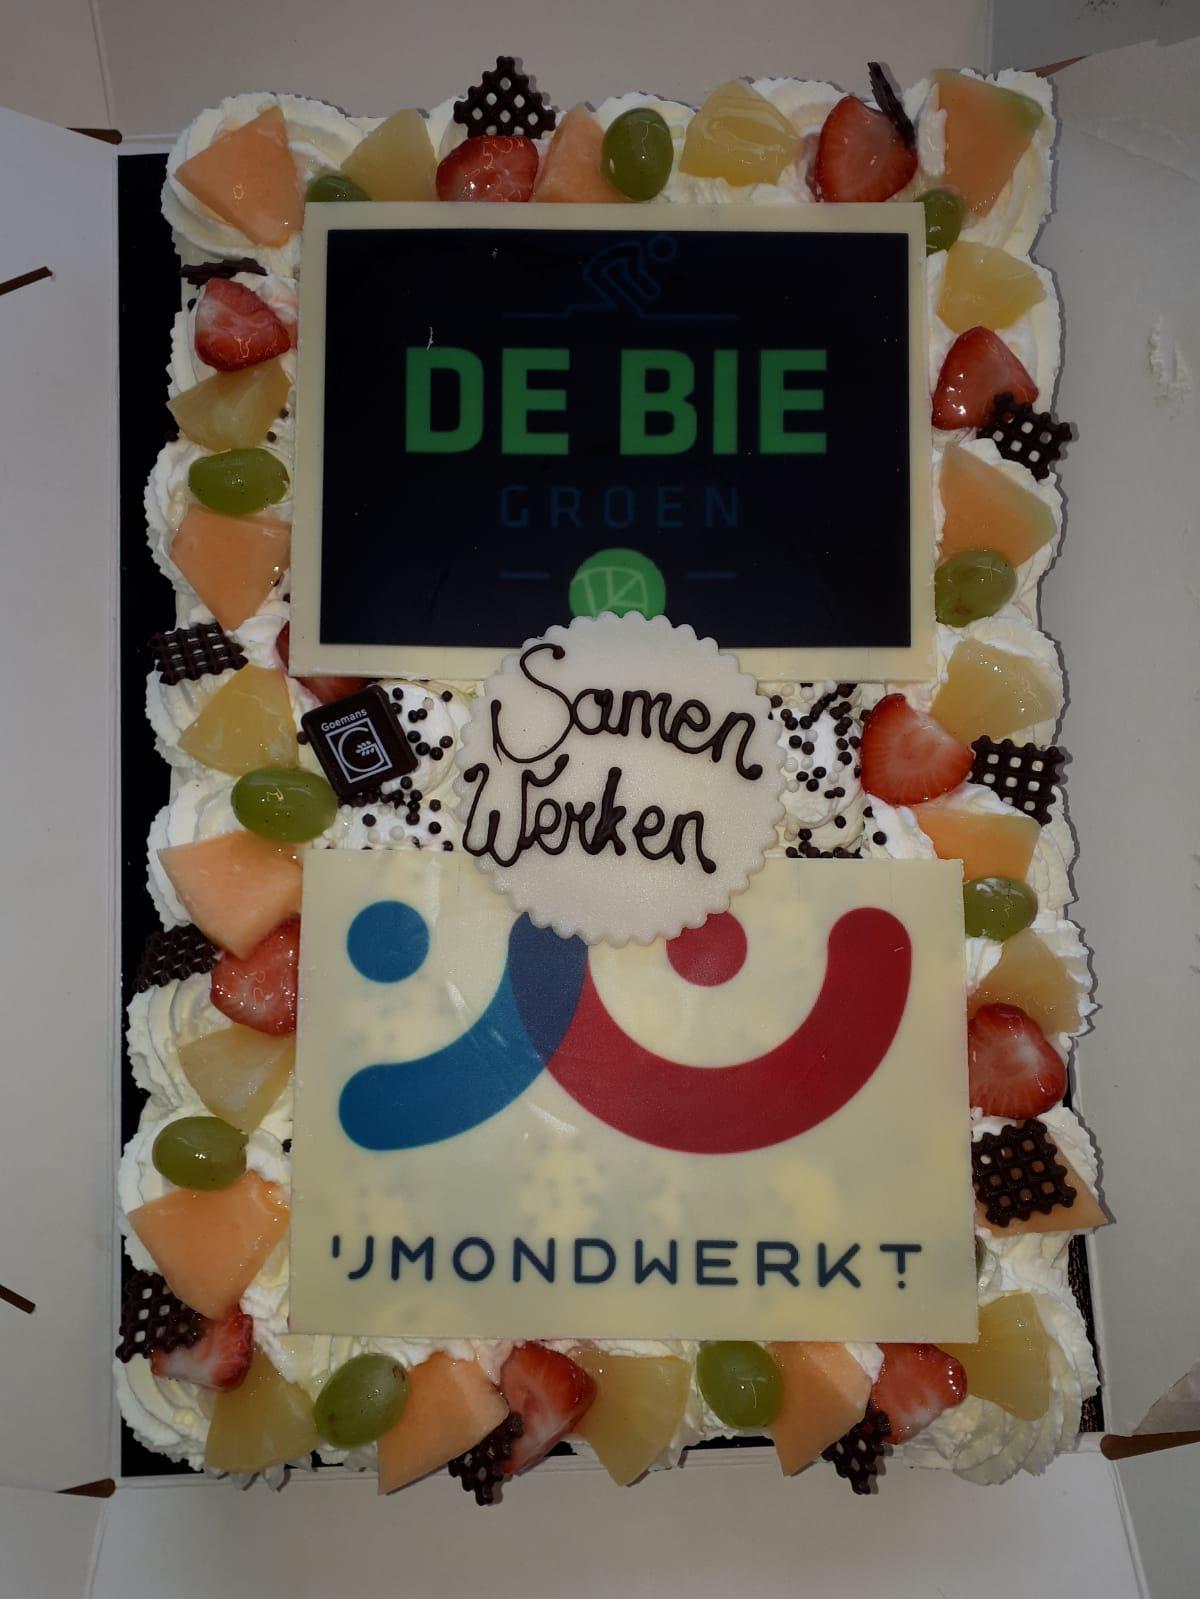 IJmond Werkt! en De Bie Groen bezegelen samenwerking